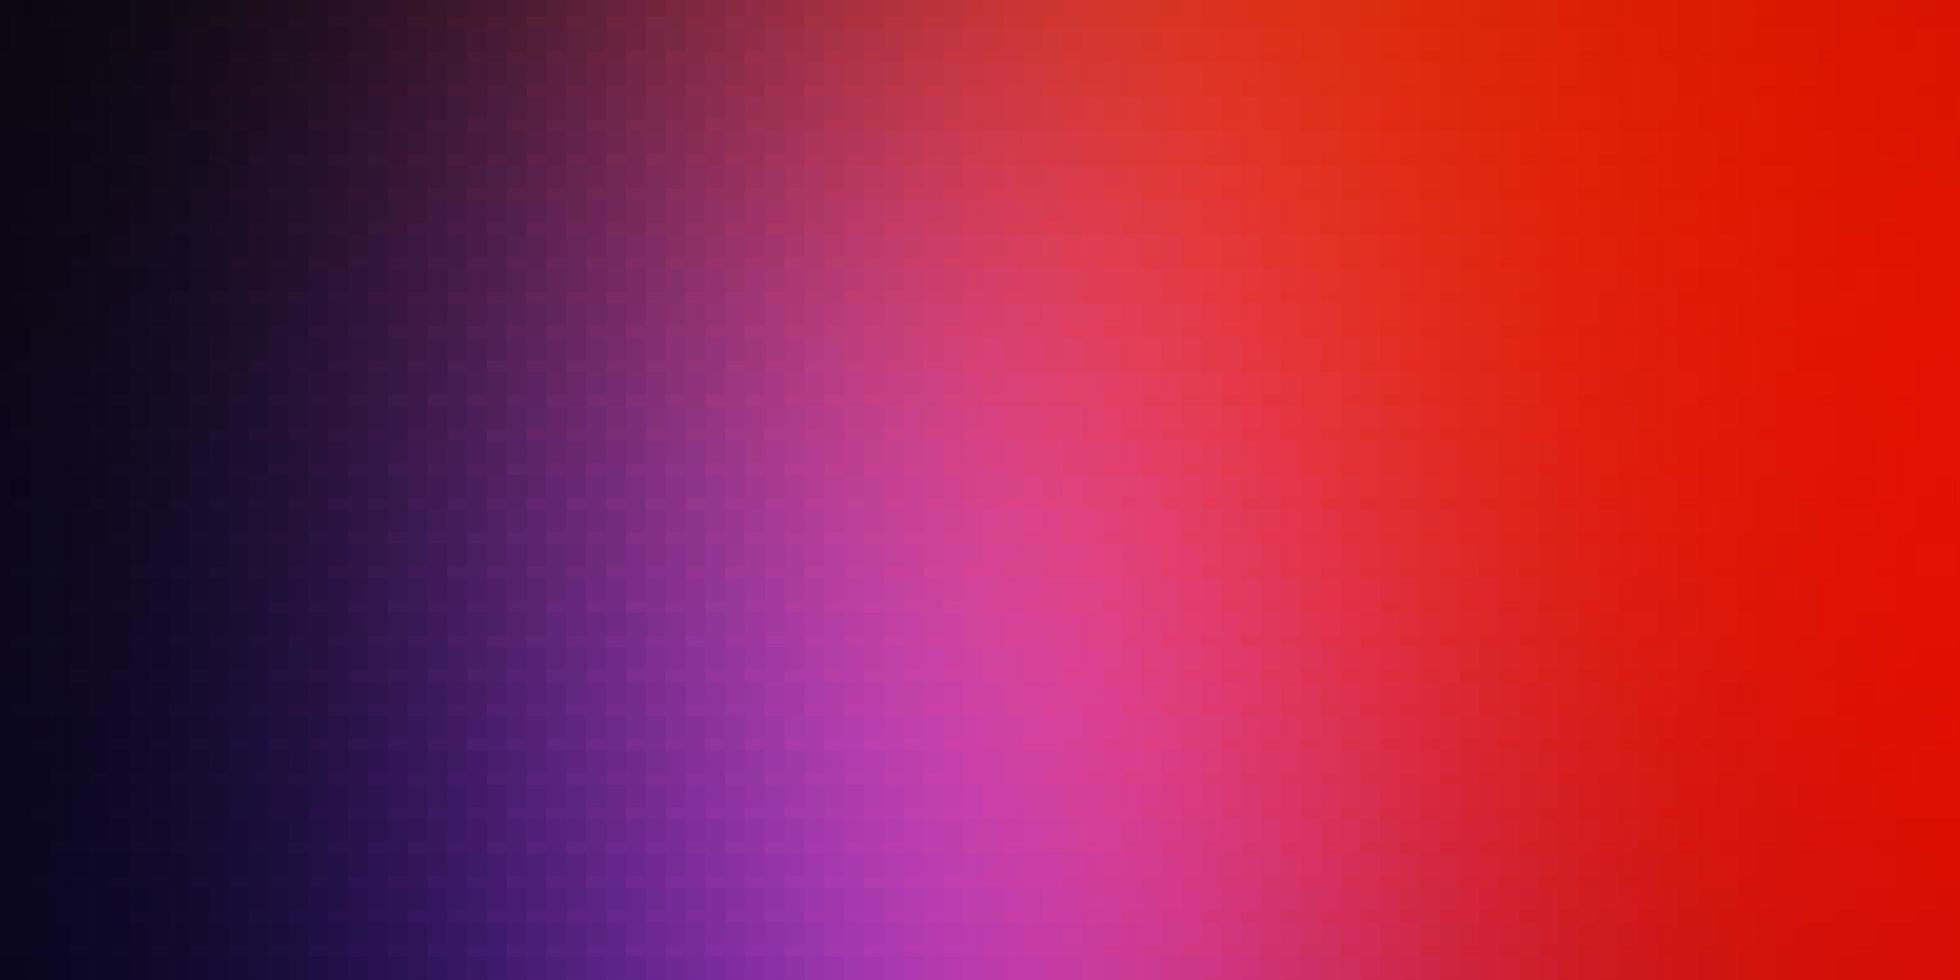 lichtroze, rood vector sjabloon in rechthoeken.